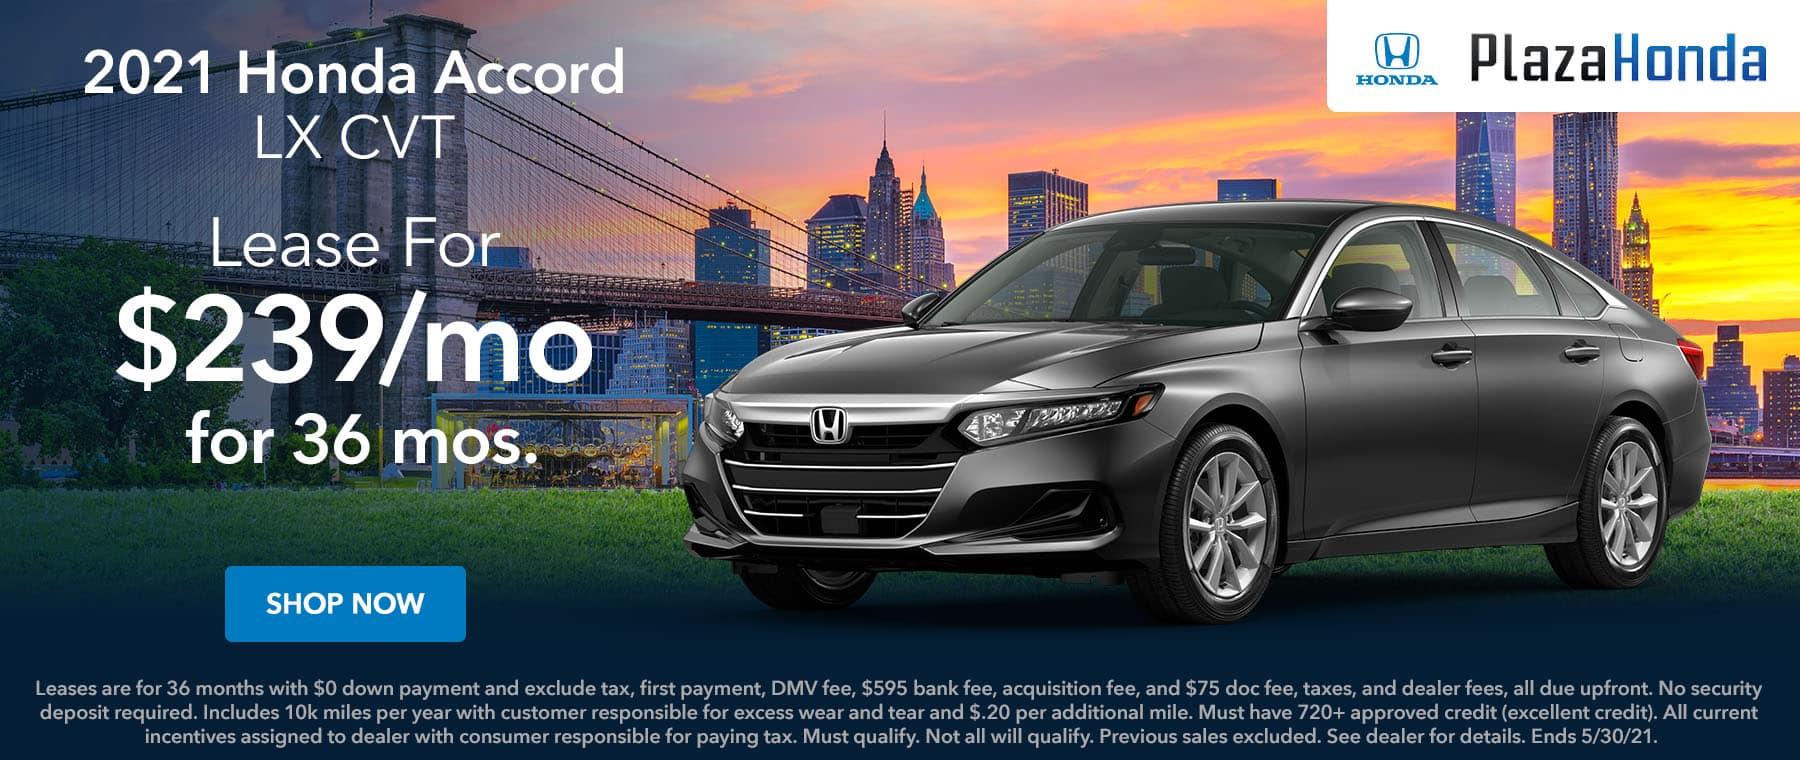 05-06-21-Hero-Honda-Accord-1800×760